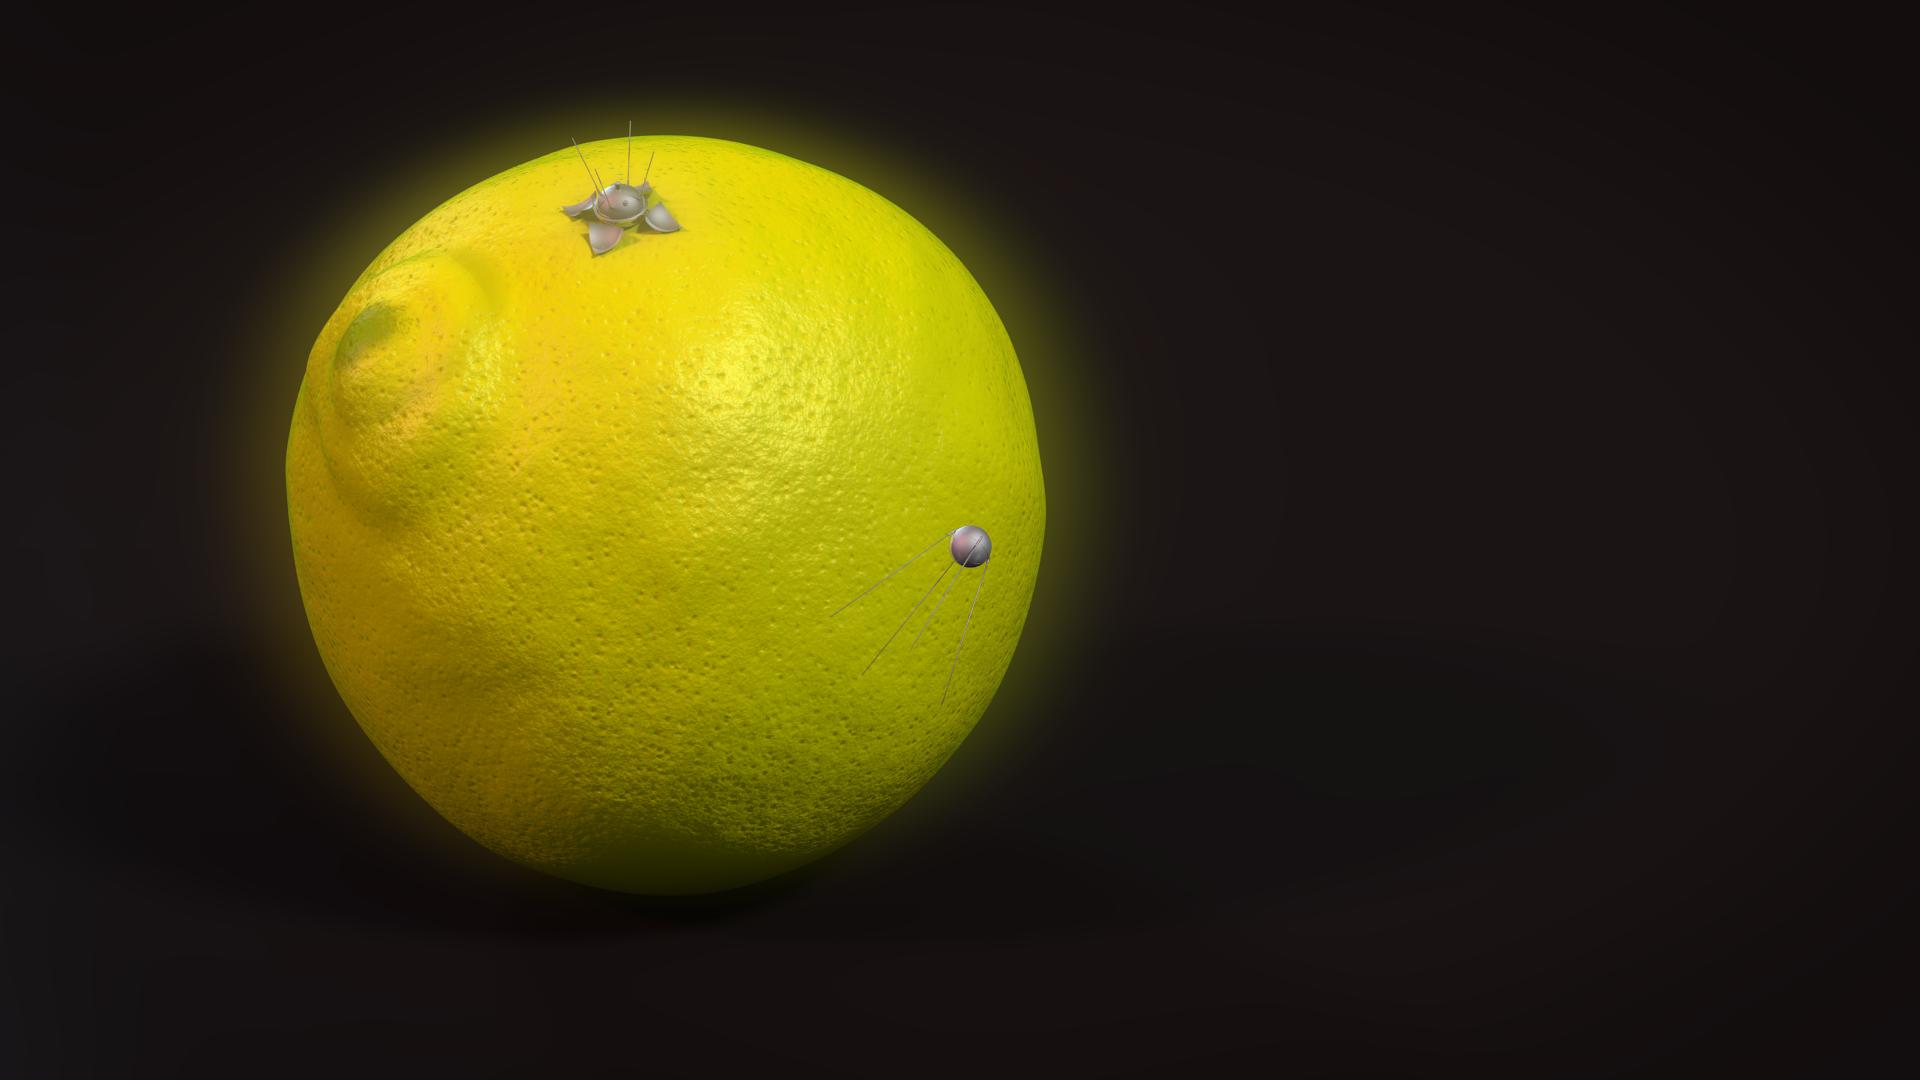 Lemon-Composited-1.png